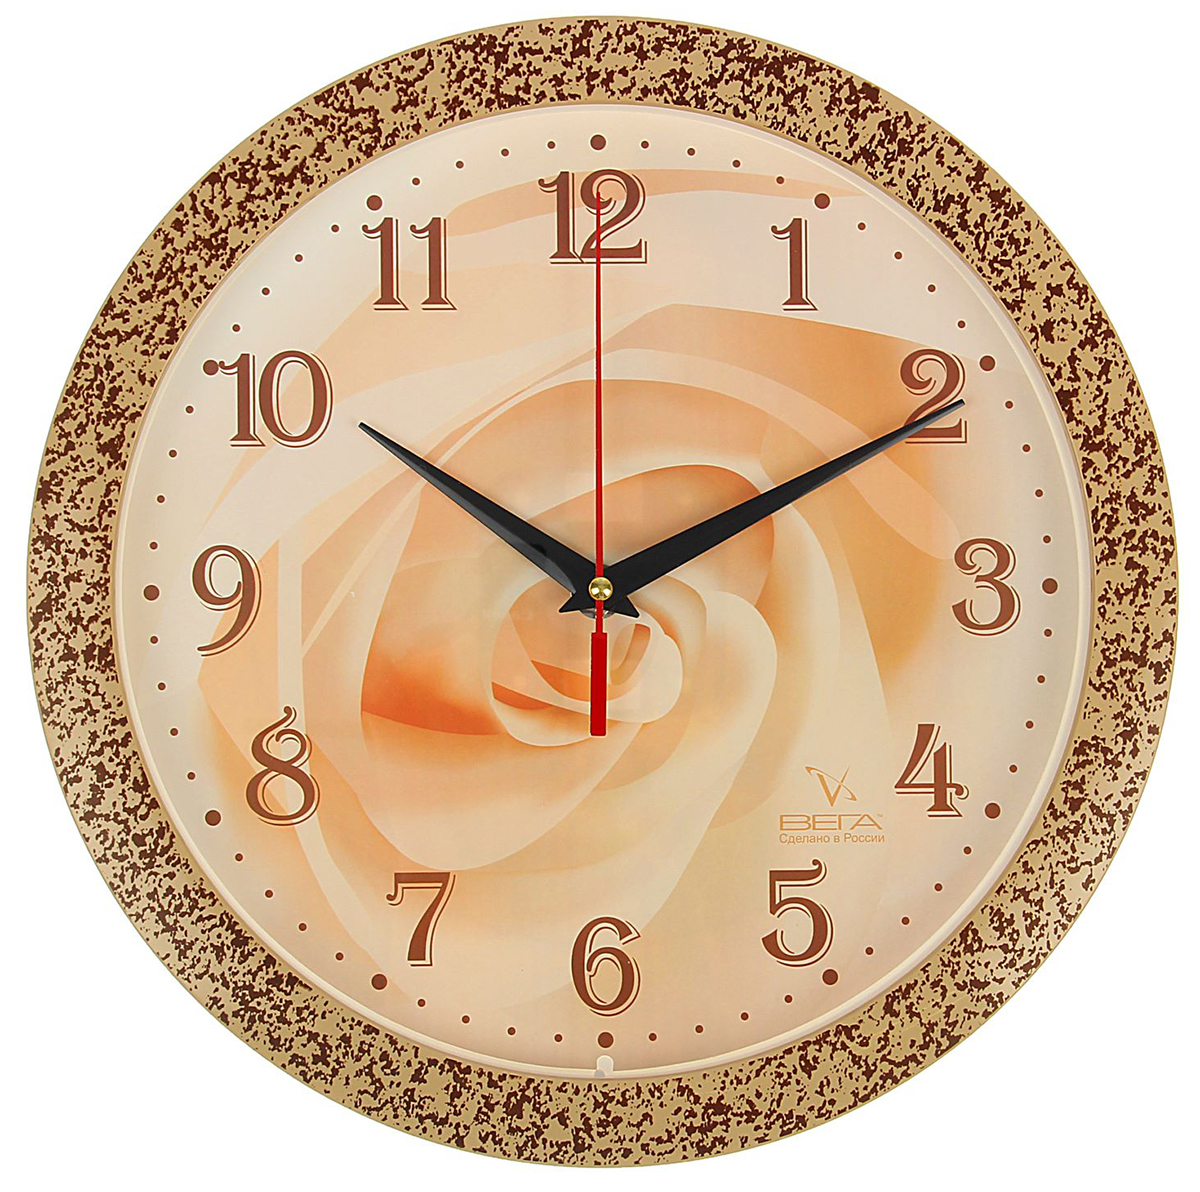 Часы настенные Вега Роза708053Каждому хозяину периодически приходит мысль обновить свою квартиру, сделать ремонт, перестановку или кардинально поменять внешний вид каждой комнаты. Часы настенные круглые Роза — привлекательная деталь, которая поможет воплотить вашу интерьерную идею, создать неповторимую атмосферу в вашем доме. Окружите себя приятными мелочами, пусть они радуют глаз и дарят гармонию. Часы настенные круглые Роза — сувенир в полном смысле этого слова. И главная его задача — хранить воспоминание о месте, где вы побывали, или о том человеке, который подарил данный предмет. Преподнесите эту вещь своему другу, и она станет достойным украшением его дома.Часы настенные круглые Роза микс 708053